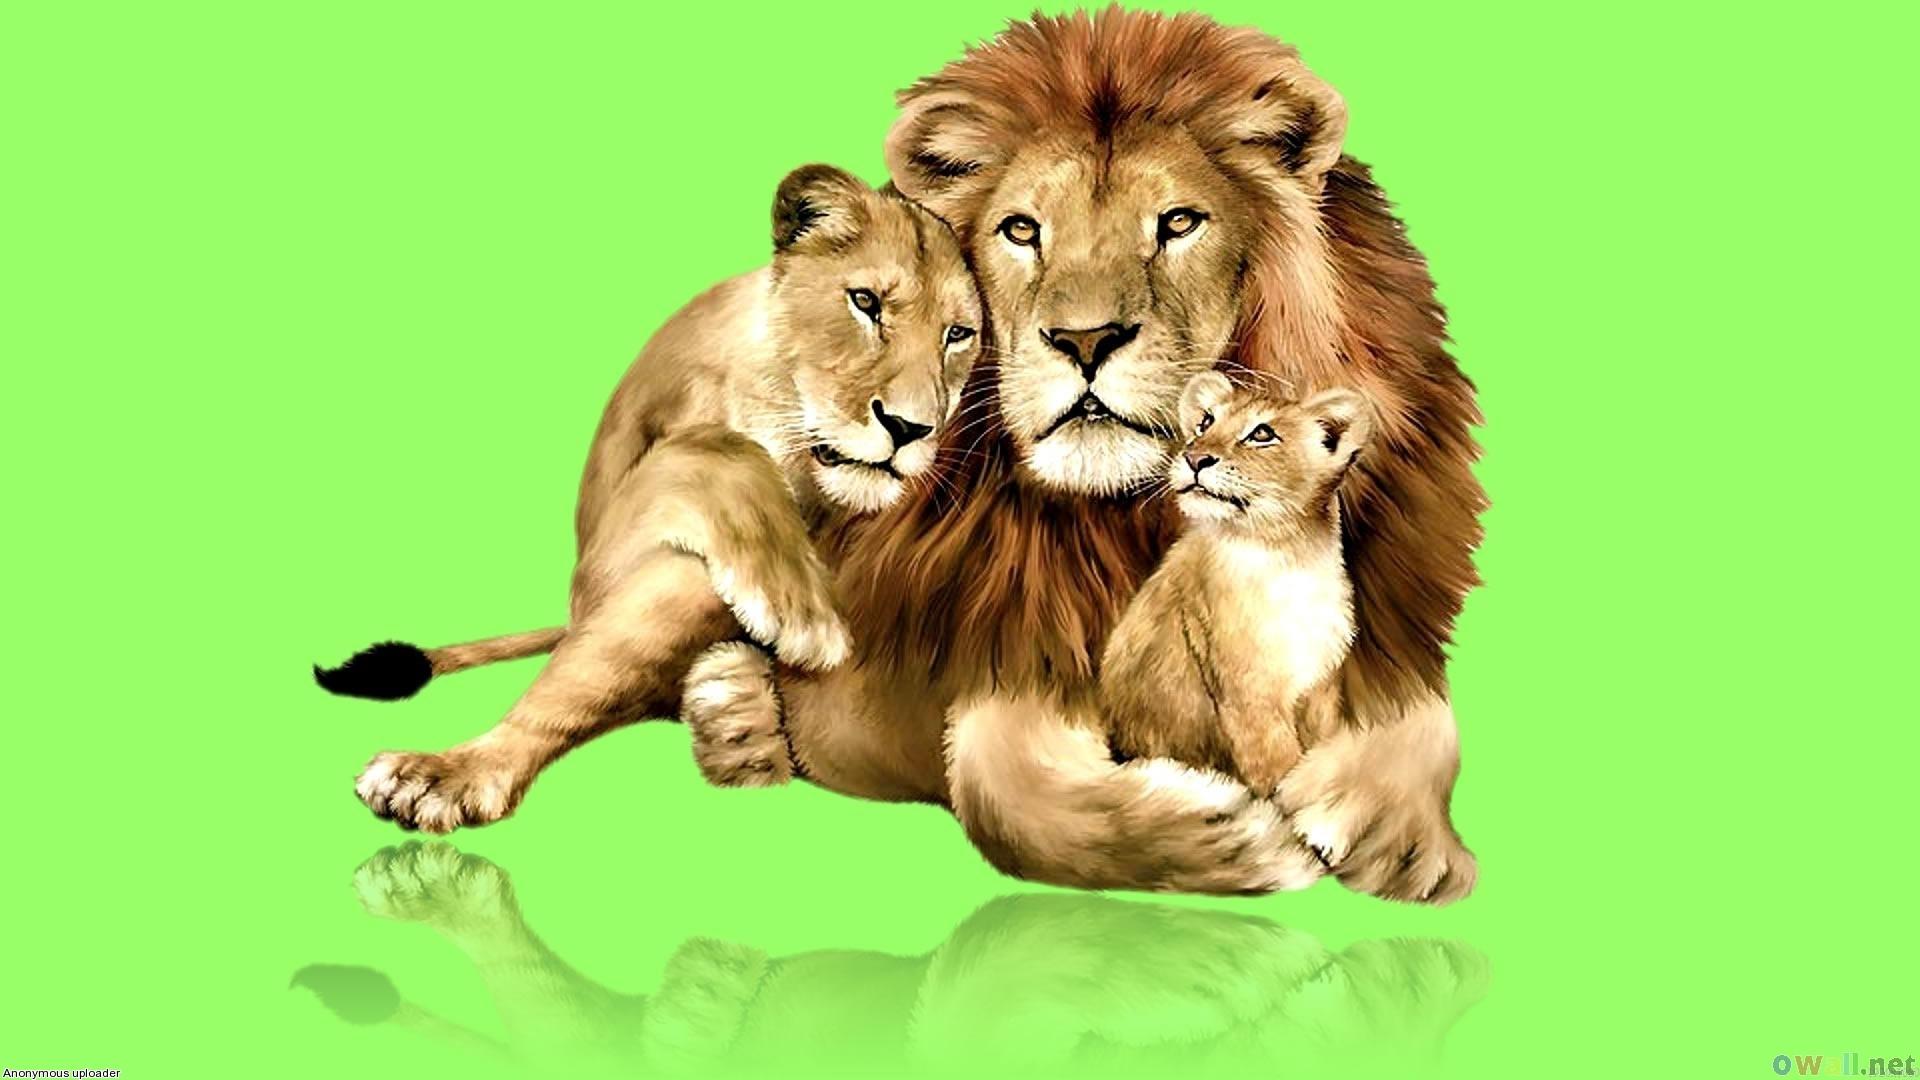 львы, фото, семья львов, скачать обои для рабочего стола